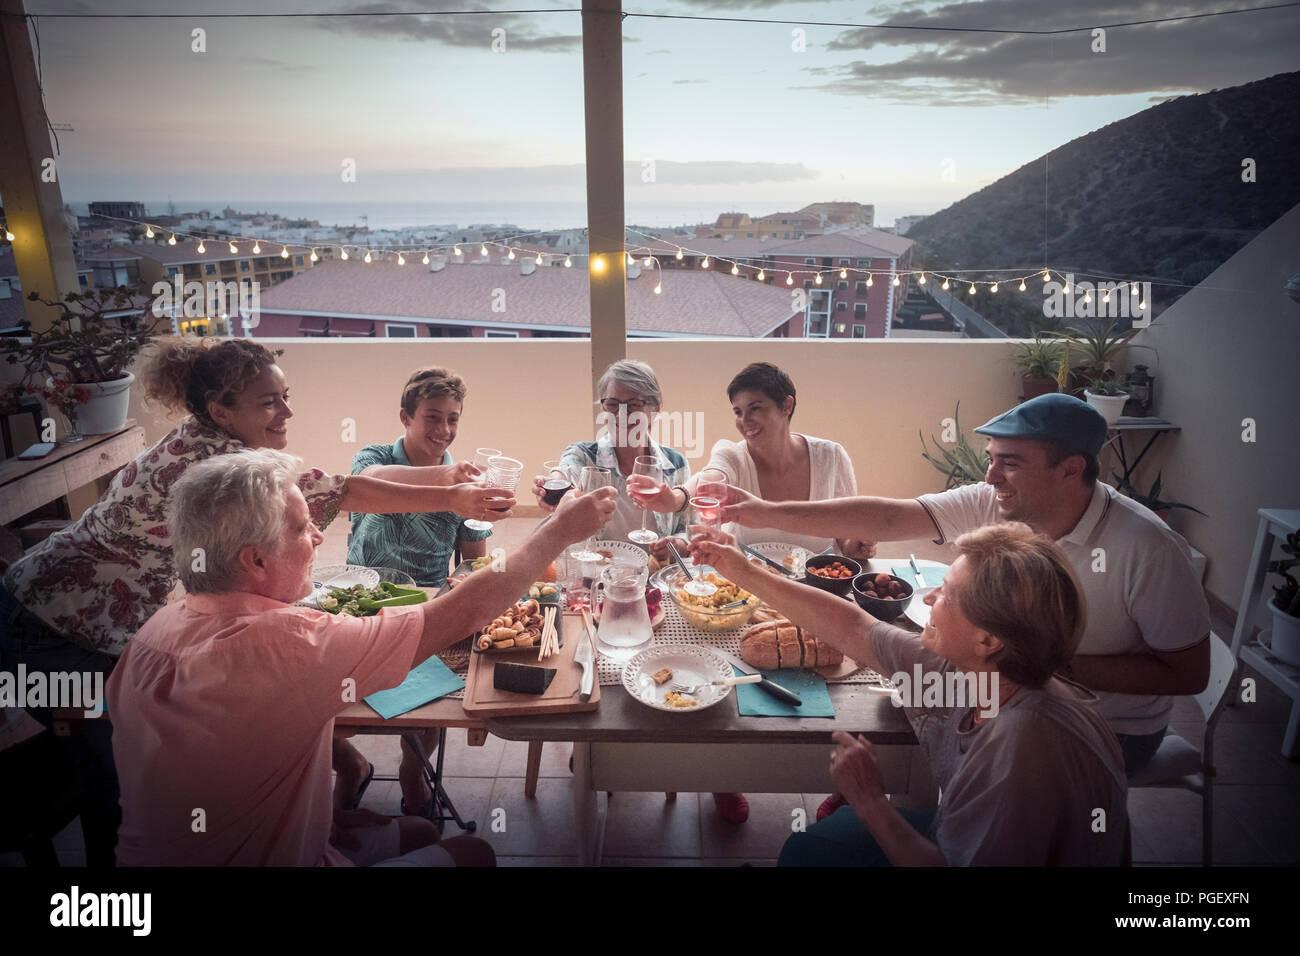 Il gruppo di età diverse persone in amicizia mangiare insieme una cena evento tifo con vino e godere della vita. La felicità e la gioiosa per gli amici Immagini Stock